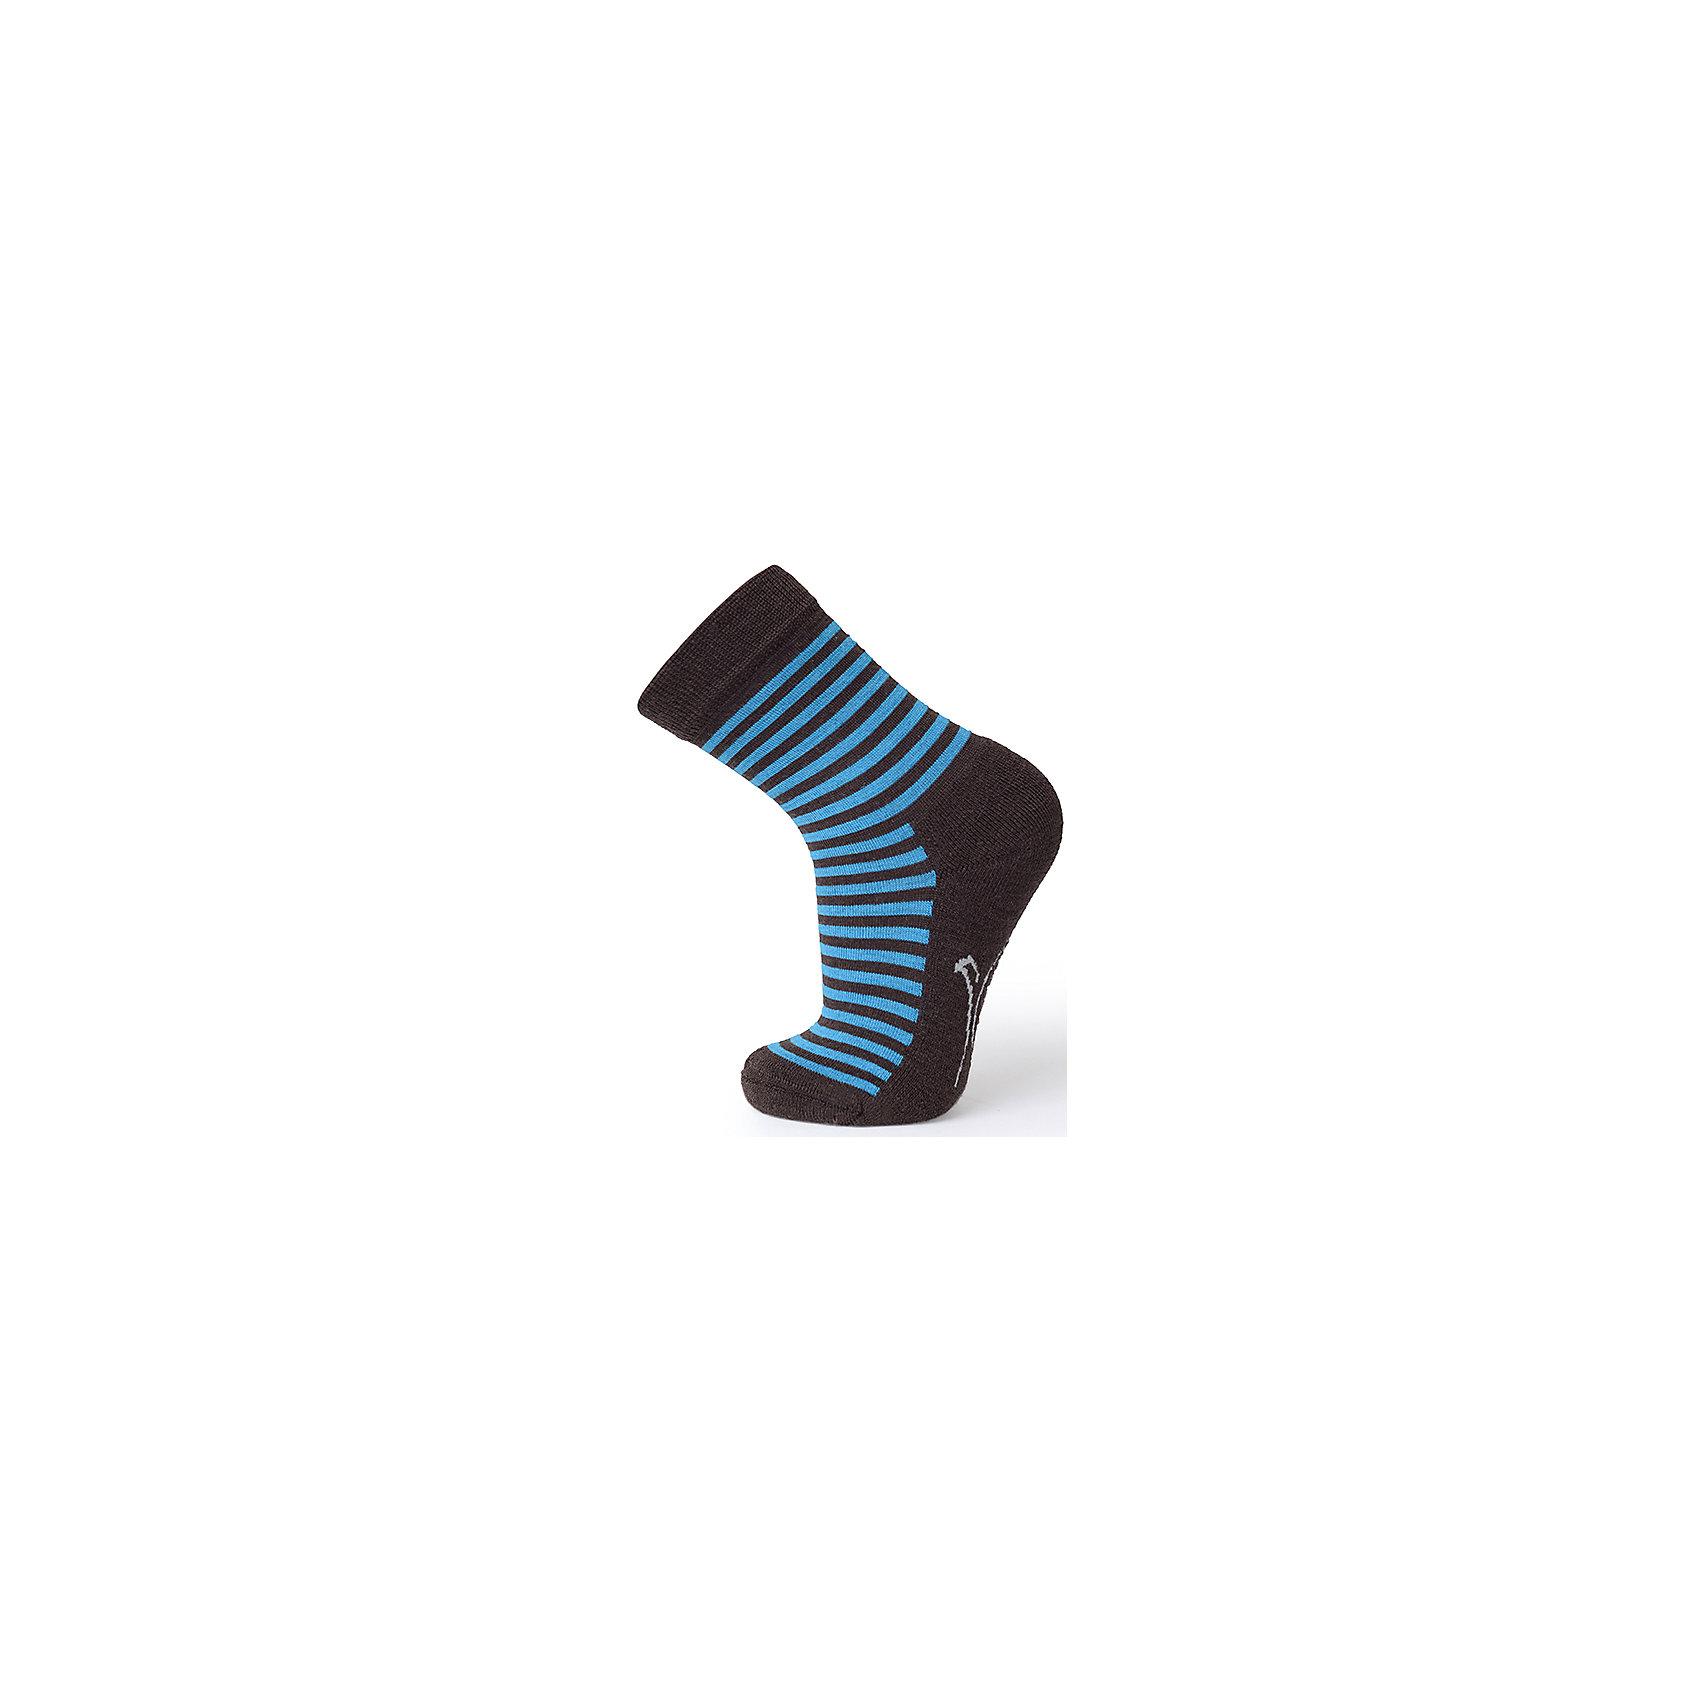 Носки NorvegNORVEG Soft Merino Wool  Носки детские цвет черно-голубая клетка<br><br>Состав: 87% Шерсть мериносов, 10% Полиэстер, 3% Эластан<br><br>Ширина мм: 87<br>Глубина мм: 10<br>Высота мм: 105<br>Вес г: 115<br>Цвет: синий<br>Возраст от месяцев: 6<br>Возраст до месяцев: 9<br>Пол: Унисекс<br>Возраст: Детский<br>Размер: 19-22,35-38,31-34,27-30,23-26<br>SKU: 4224743